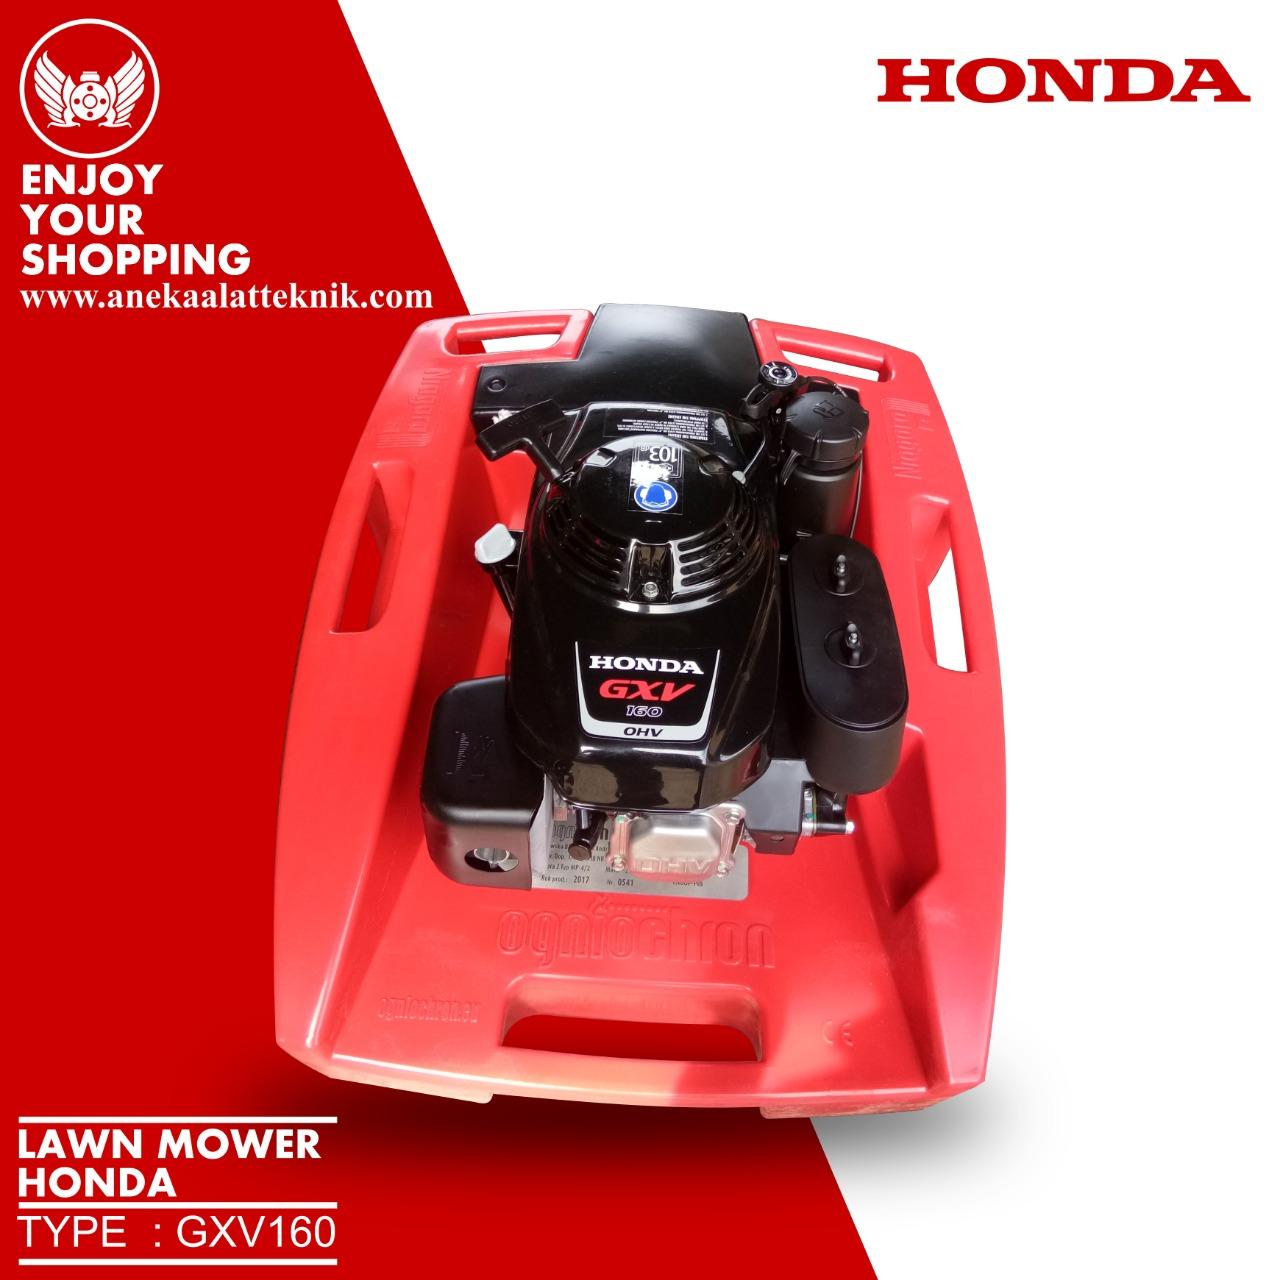 lawn mower honda gxv160